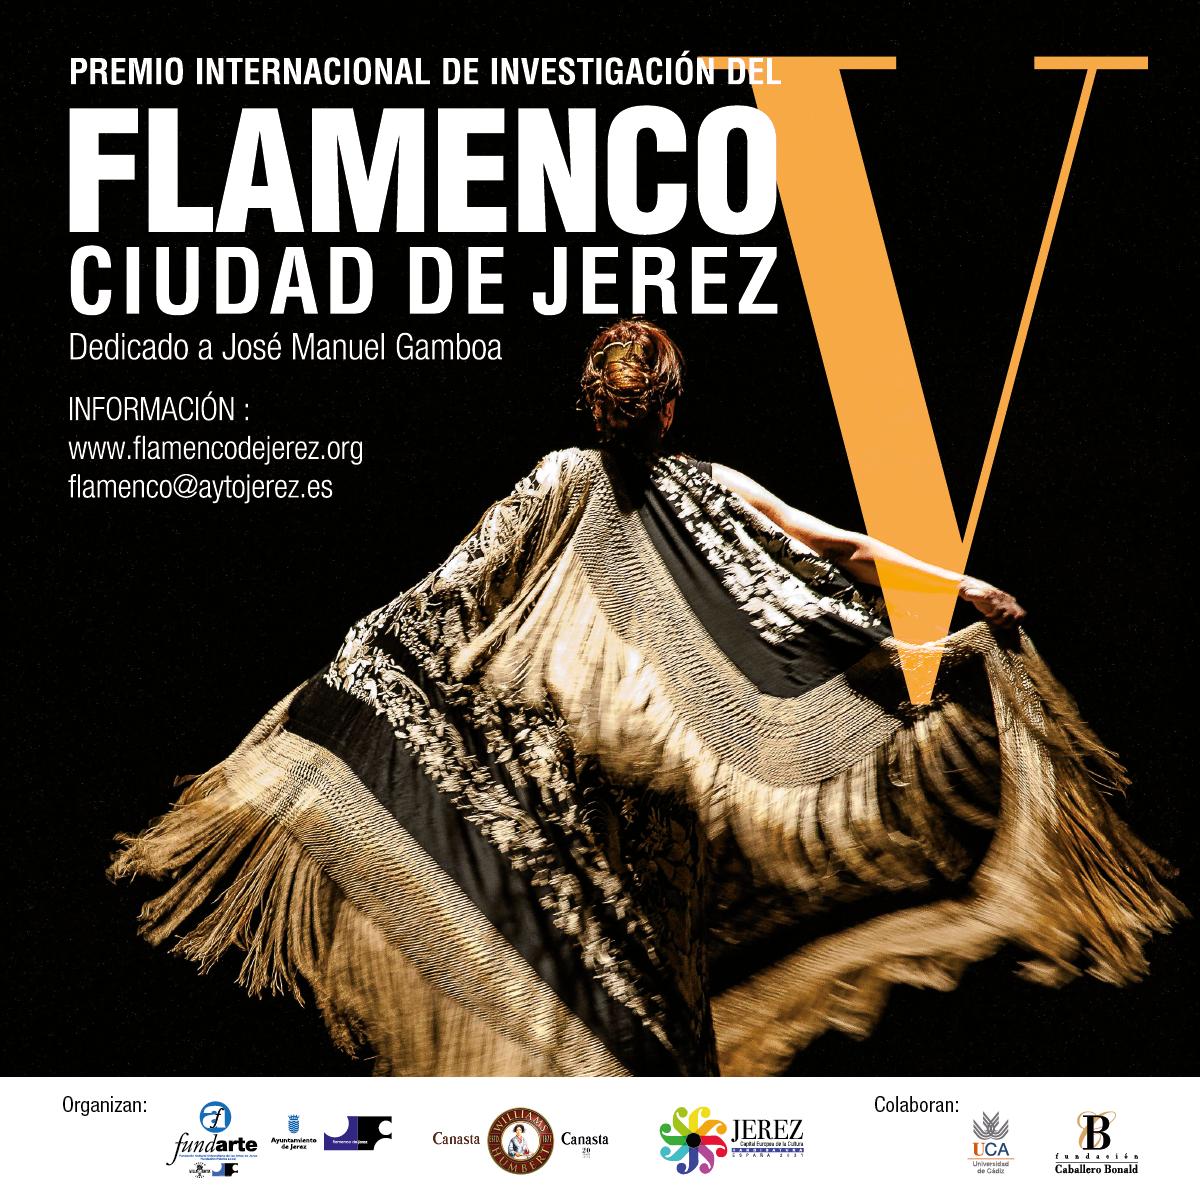 V Premio de Investigación del Flamenco